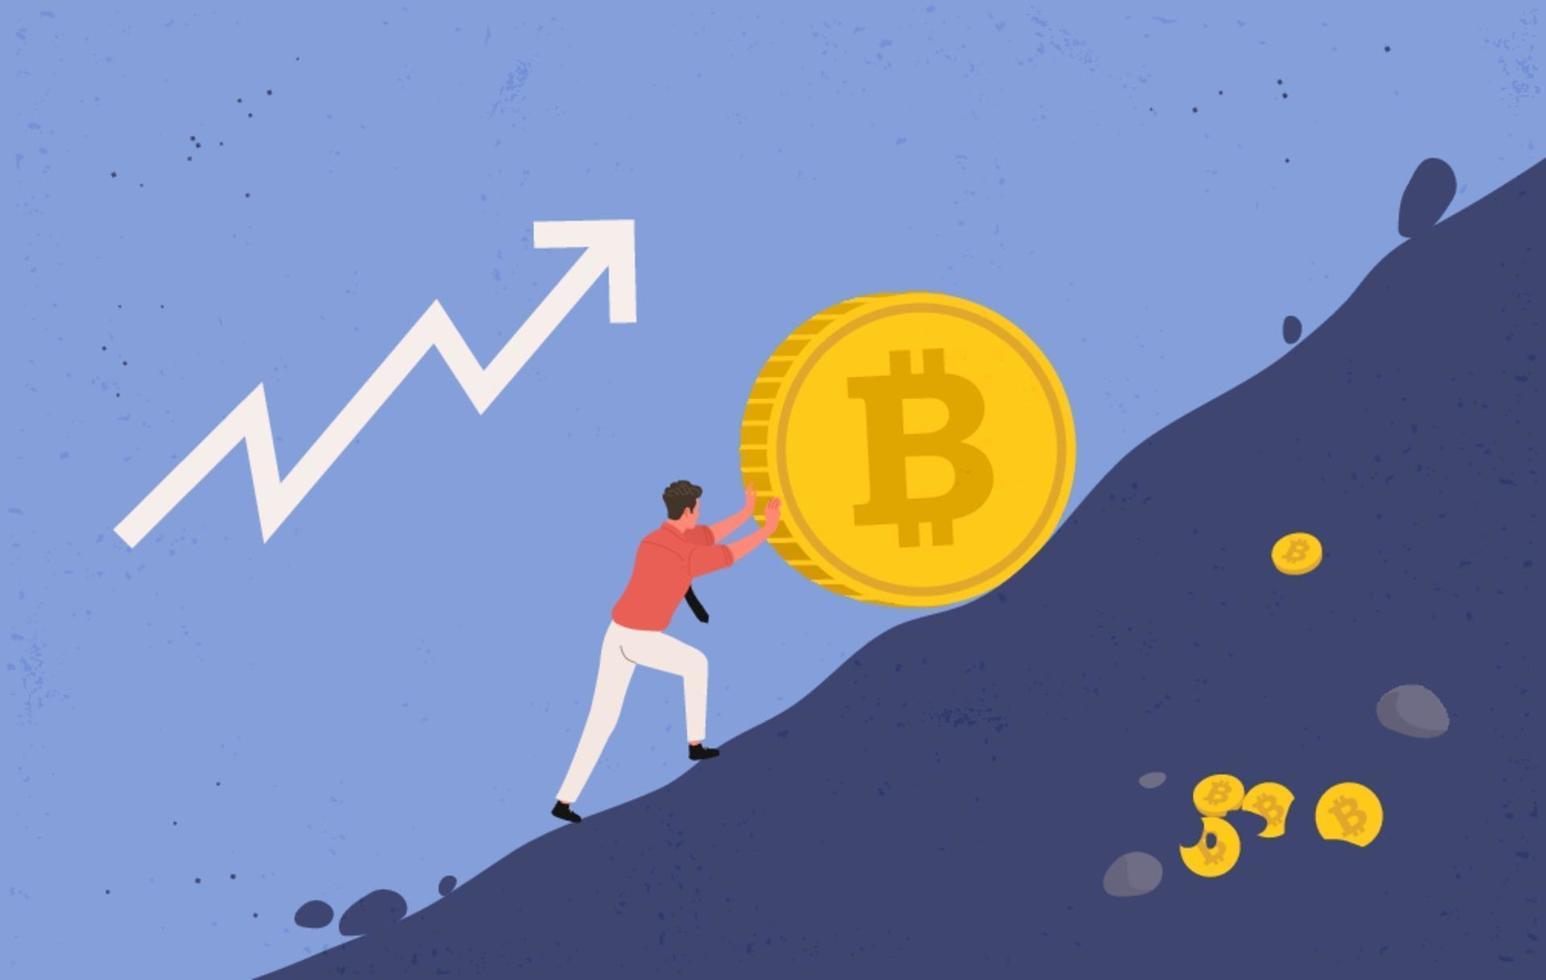 minatore che cerca di trattenere una grossa moneta bitcoin dalla caduta vettore